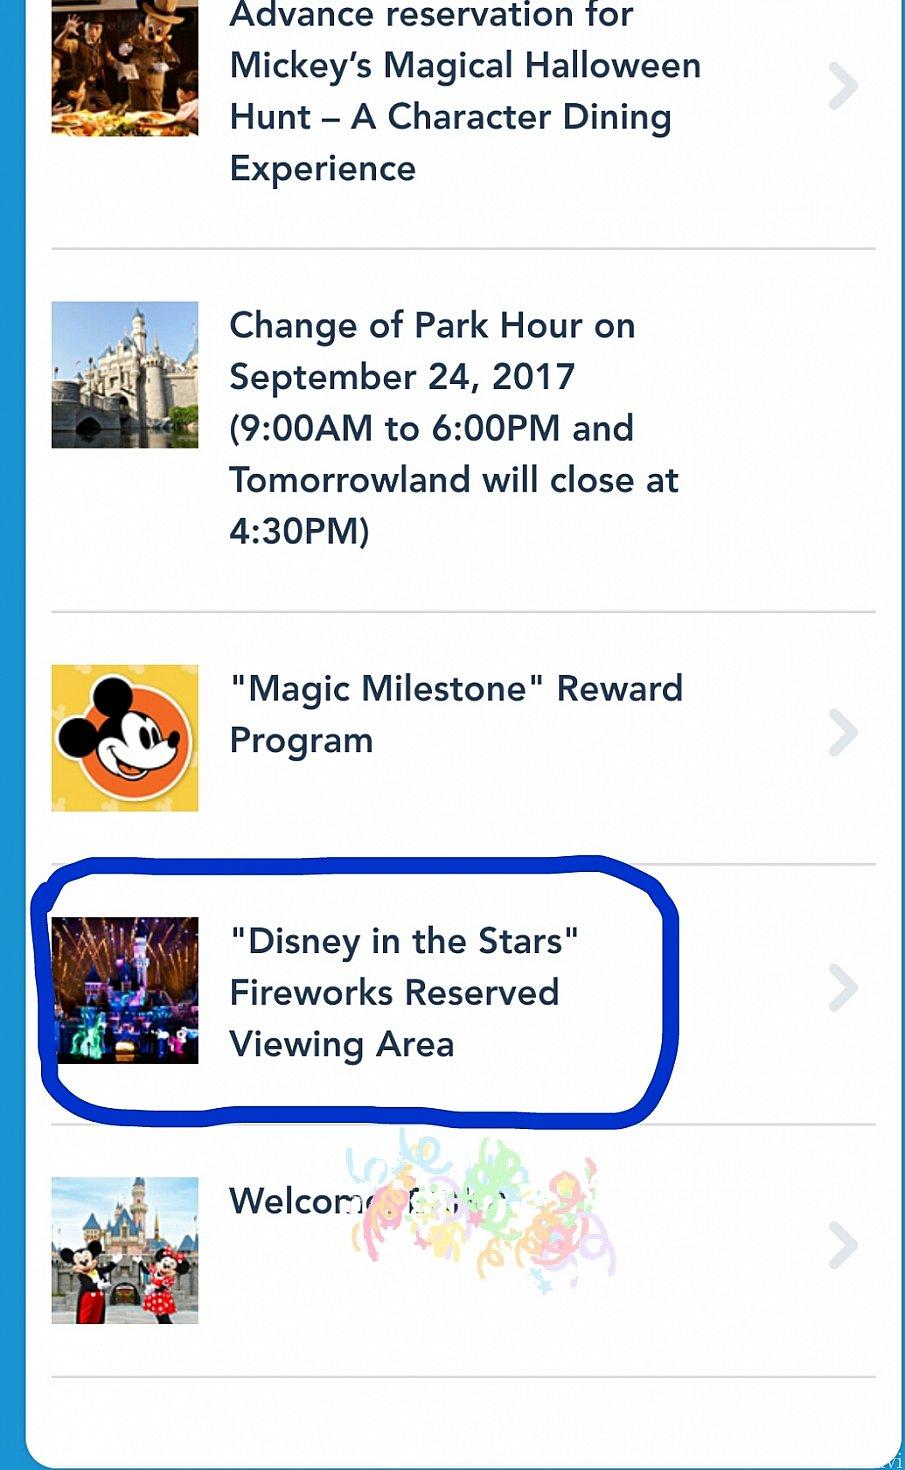 【予約確認方法】予約ができている場合は予約項目が出てきます。この場合は花火を予約しているので花火が出てます。これを押すとキャンセルや時間変更ができるページに飛びます。